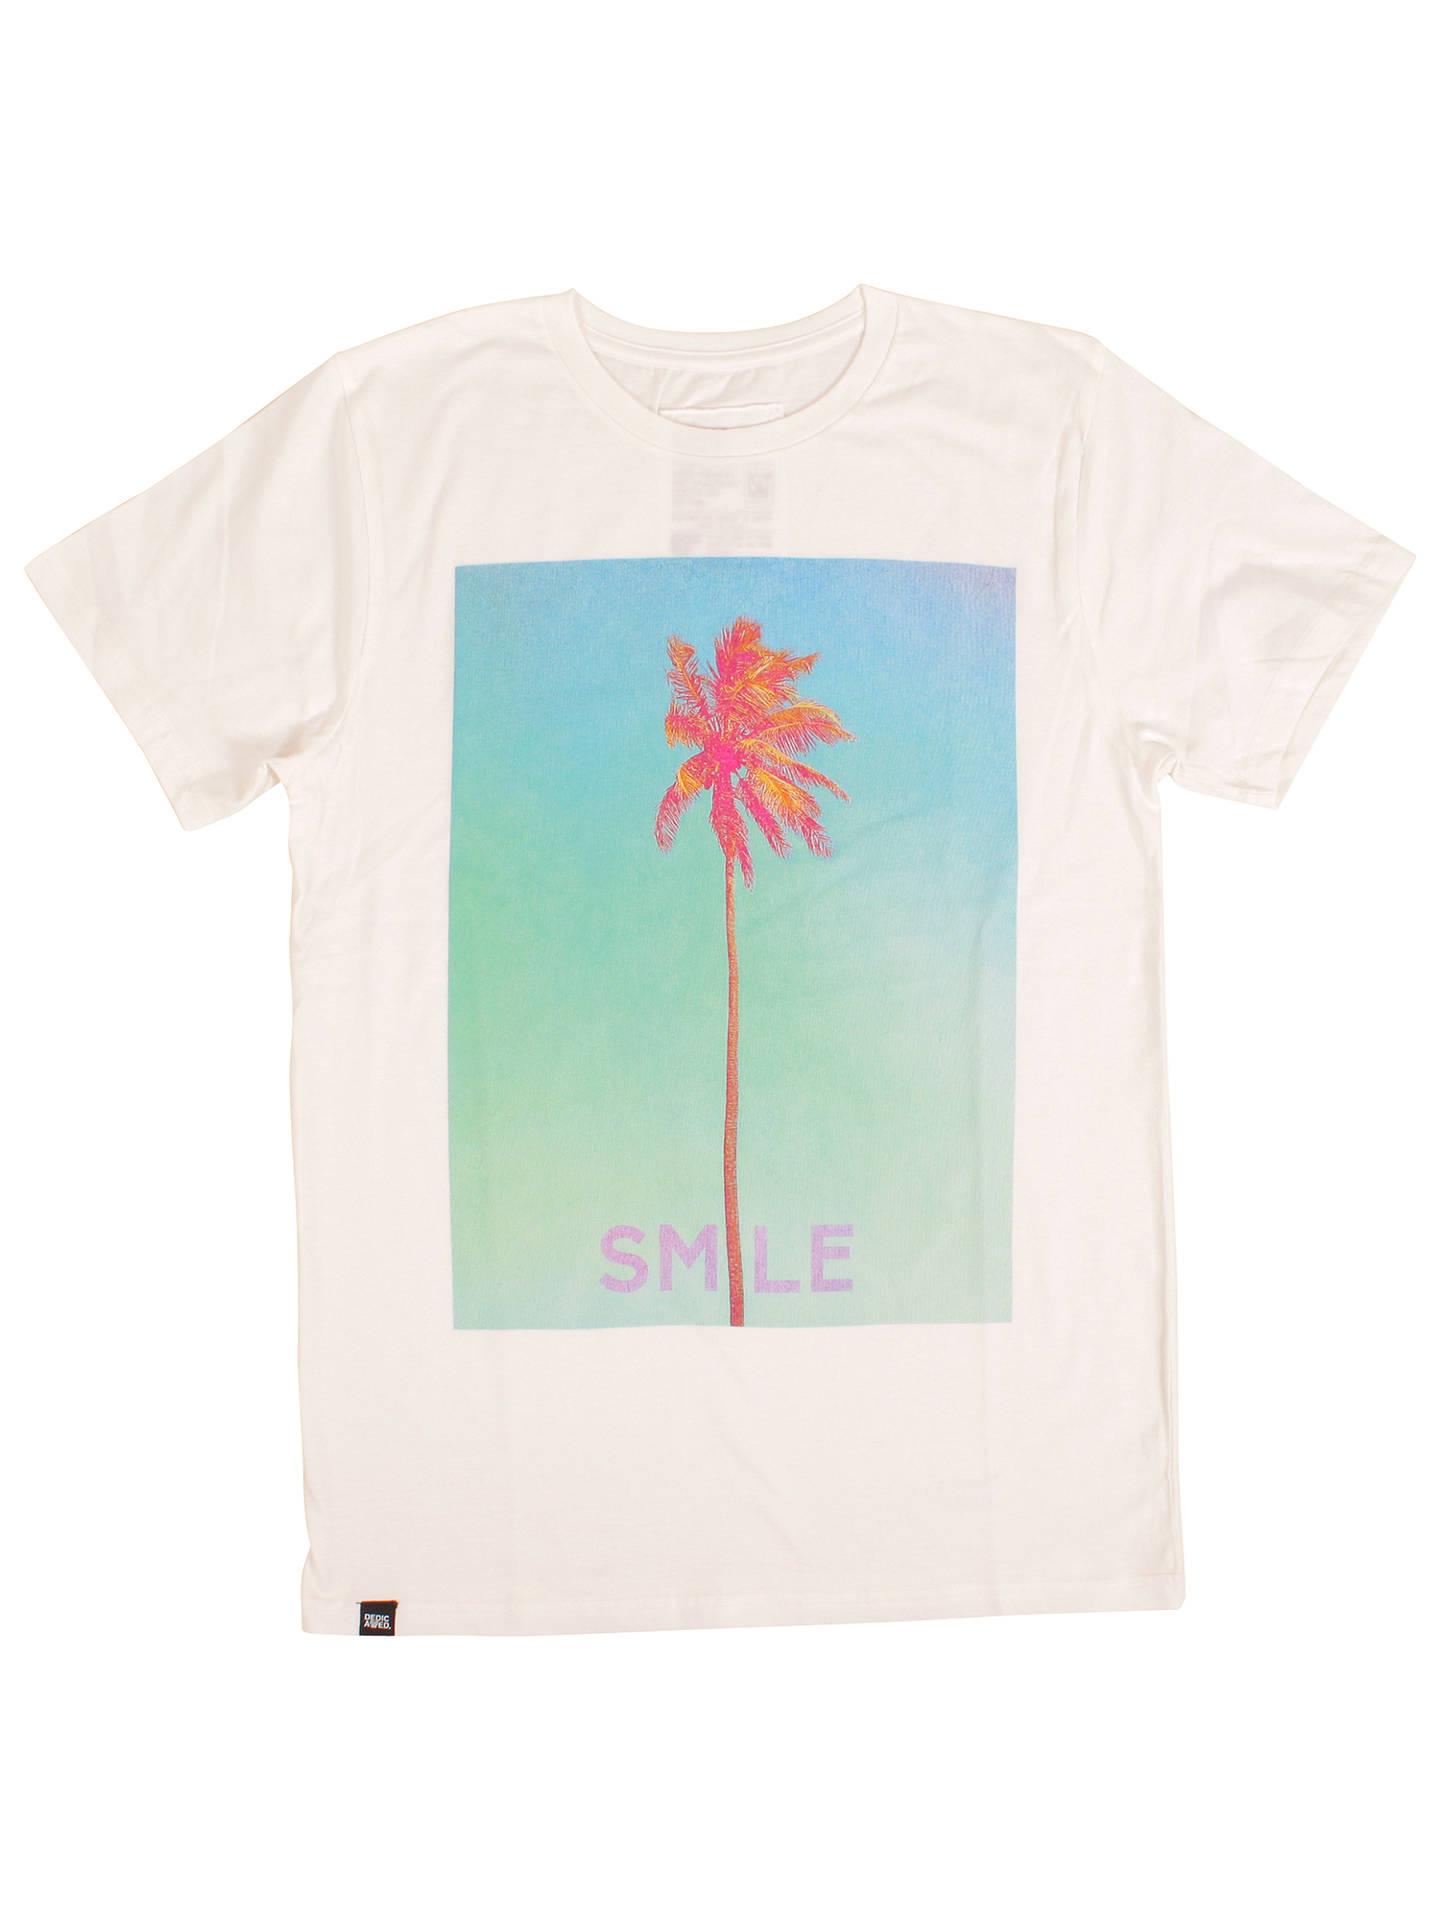 4410ca4c8 Dedicated Smile Palm Graphic Design T-Shirt, White at John Lewis ...